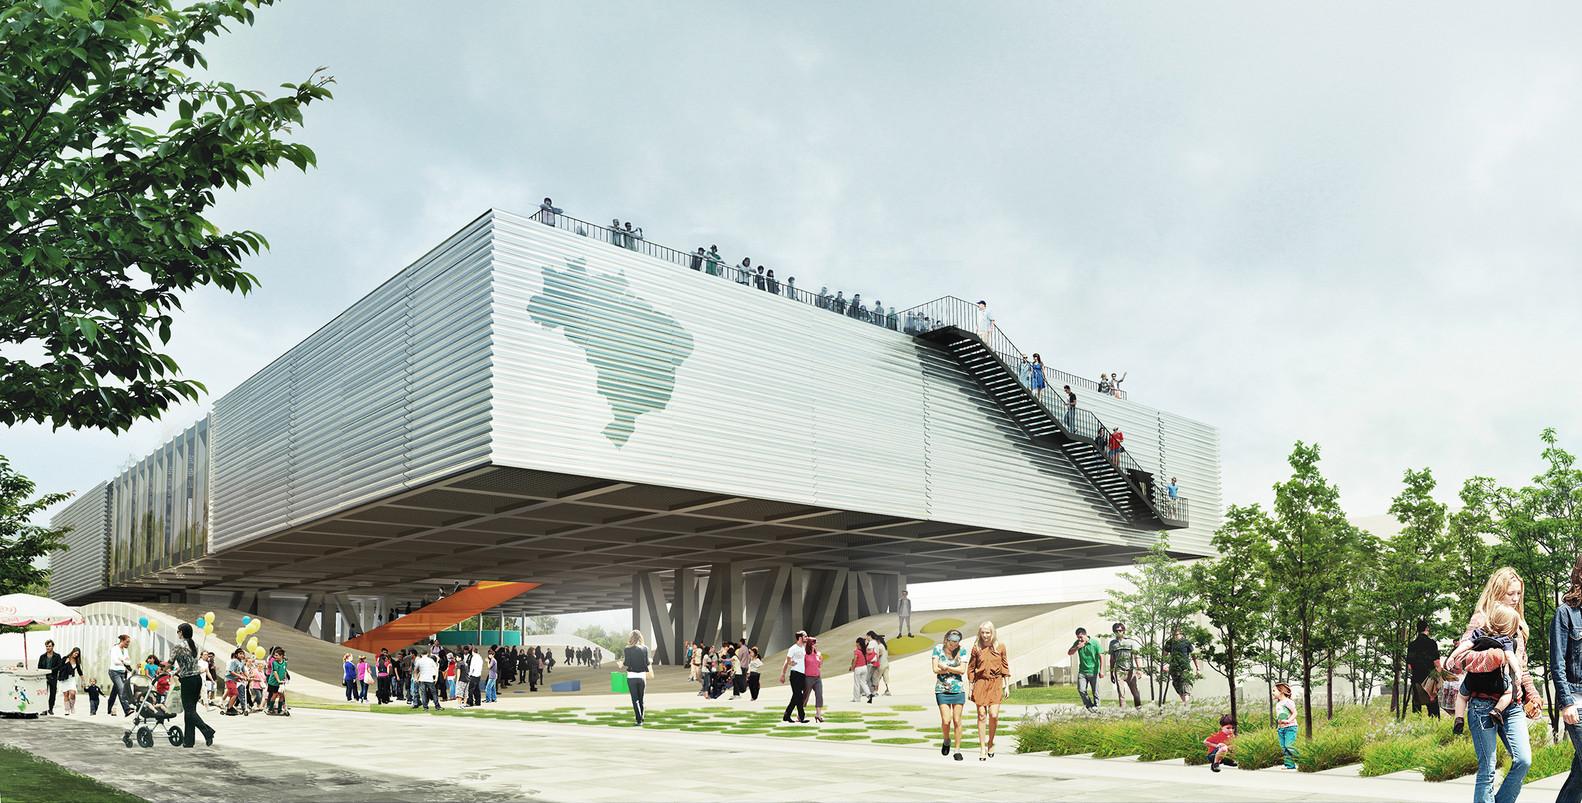 Concursos de arquitetura: oportunidade para novos profissionais apresentarem seus projetos para o mercado